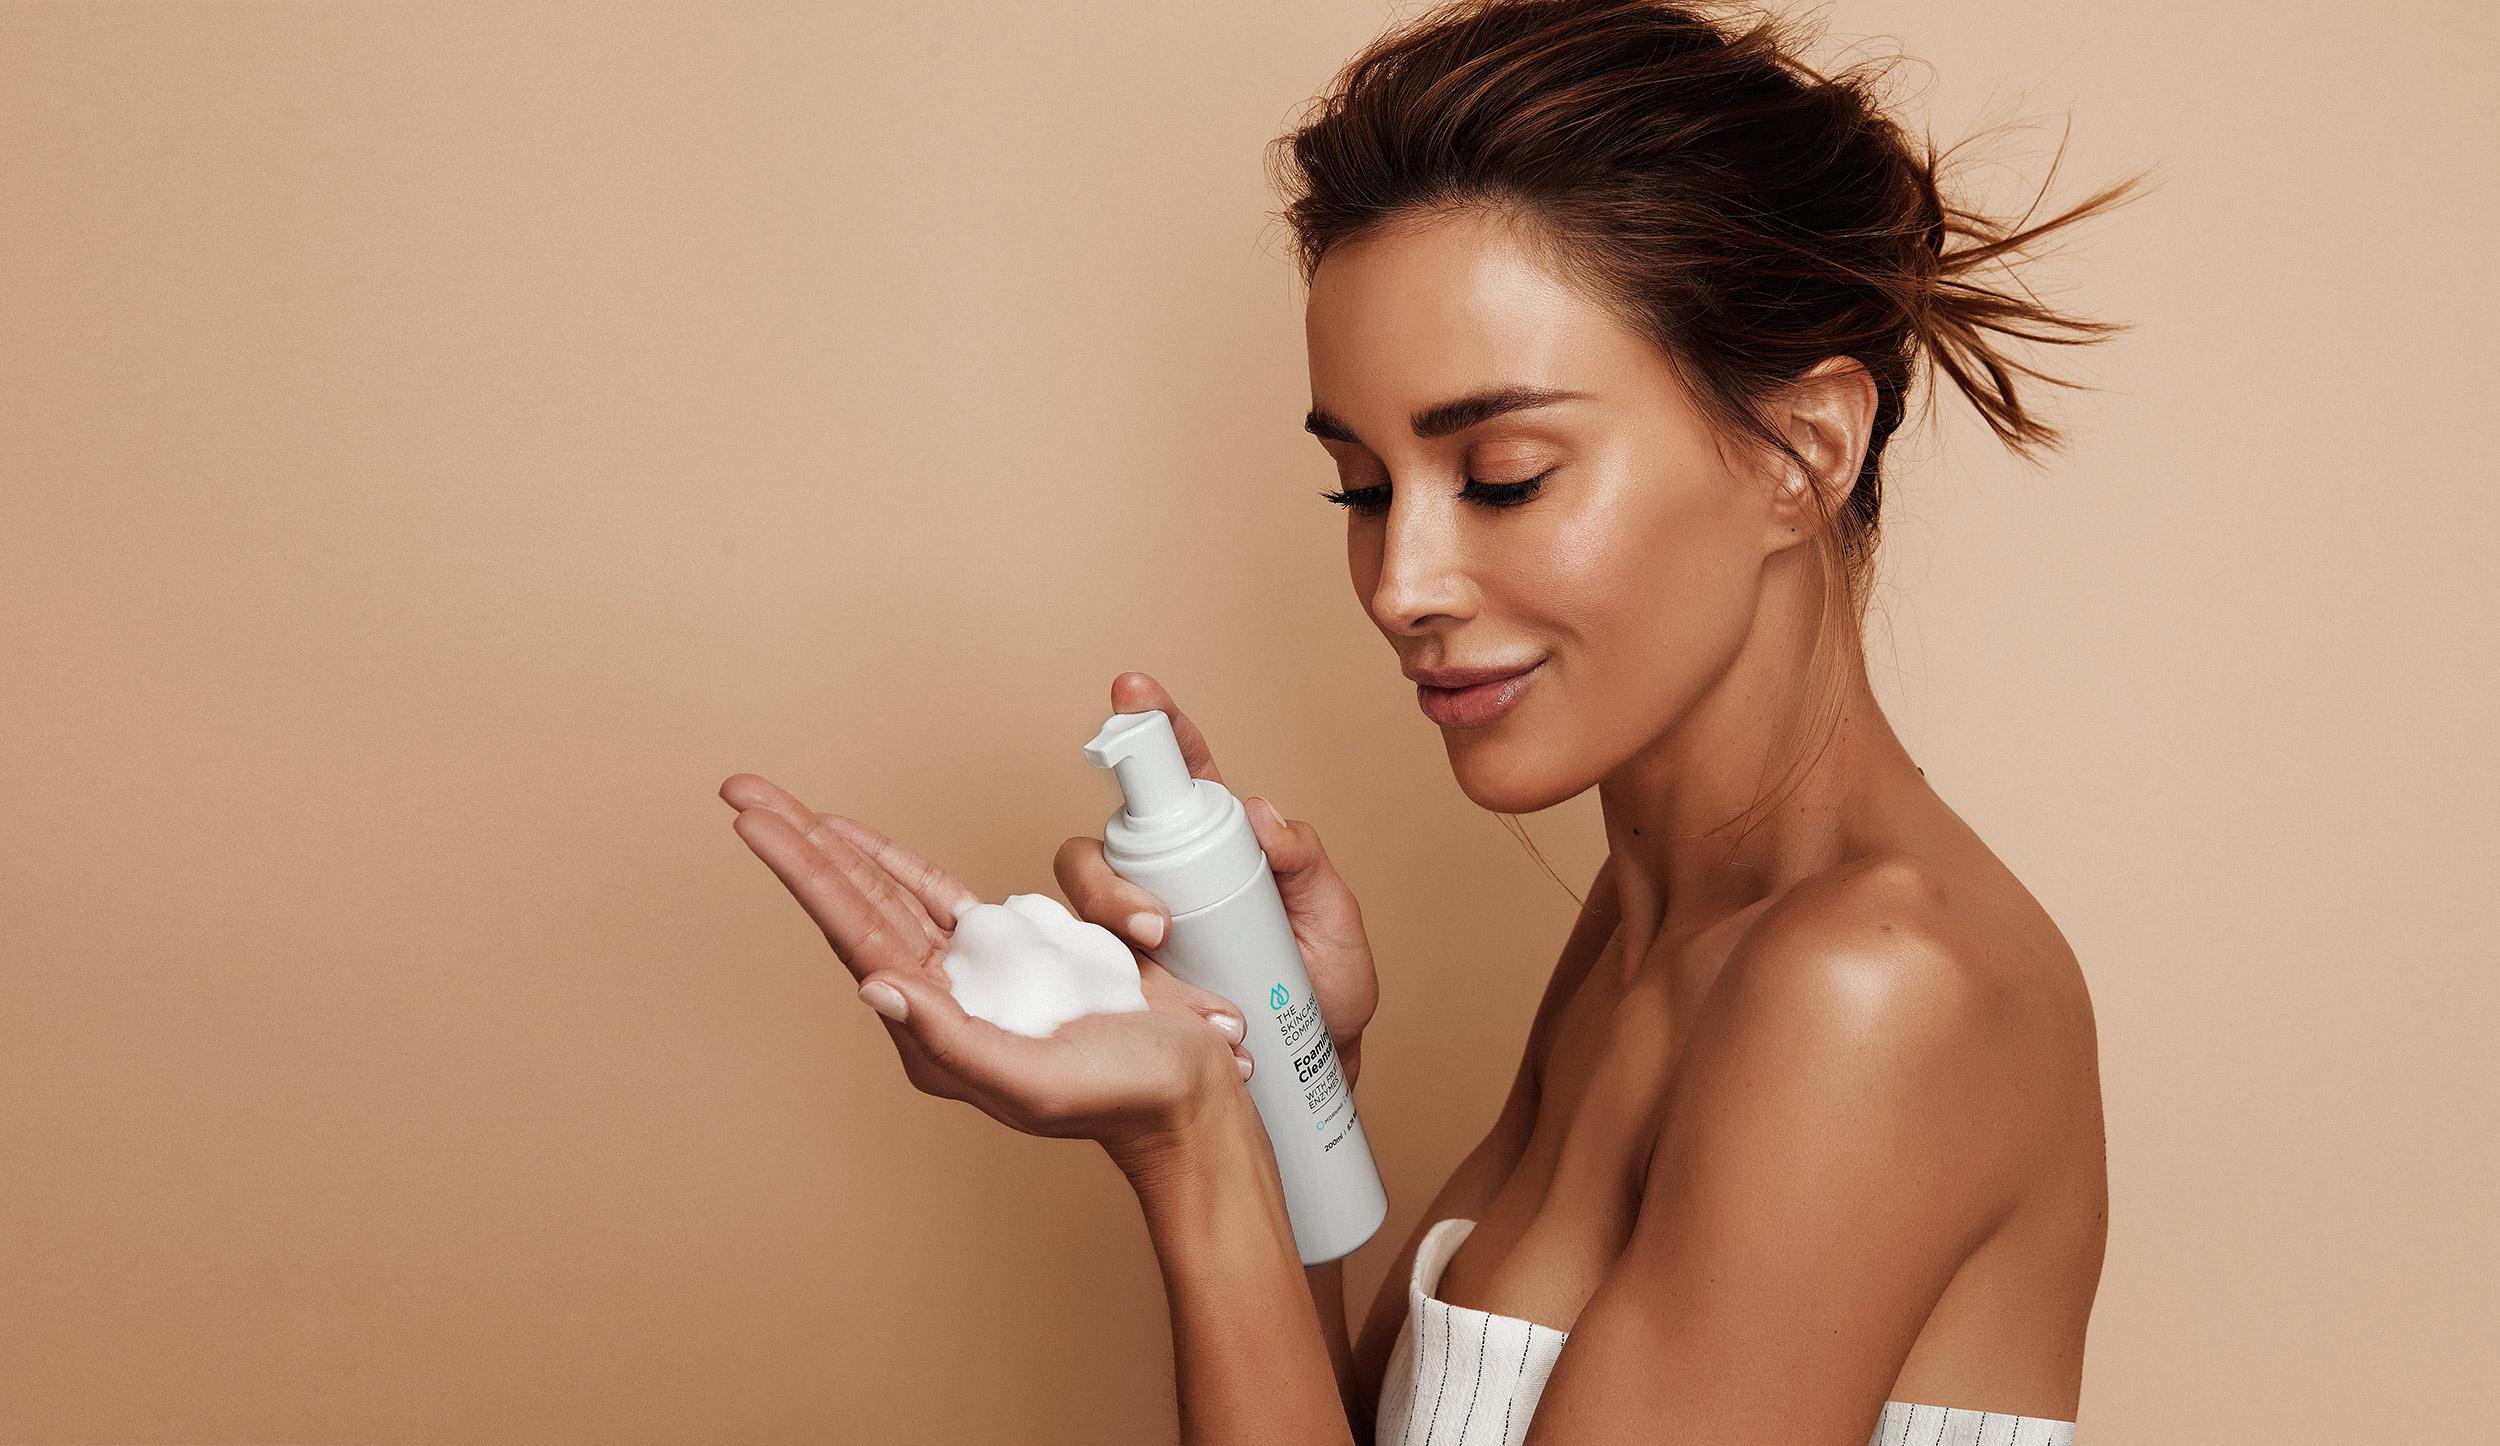 Rebecca Judd, The Skincare Company Ambassador